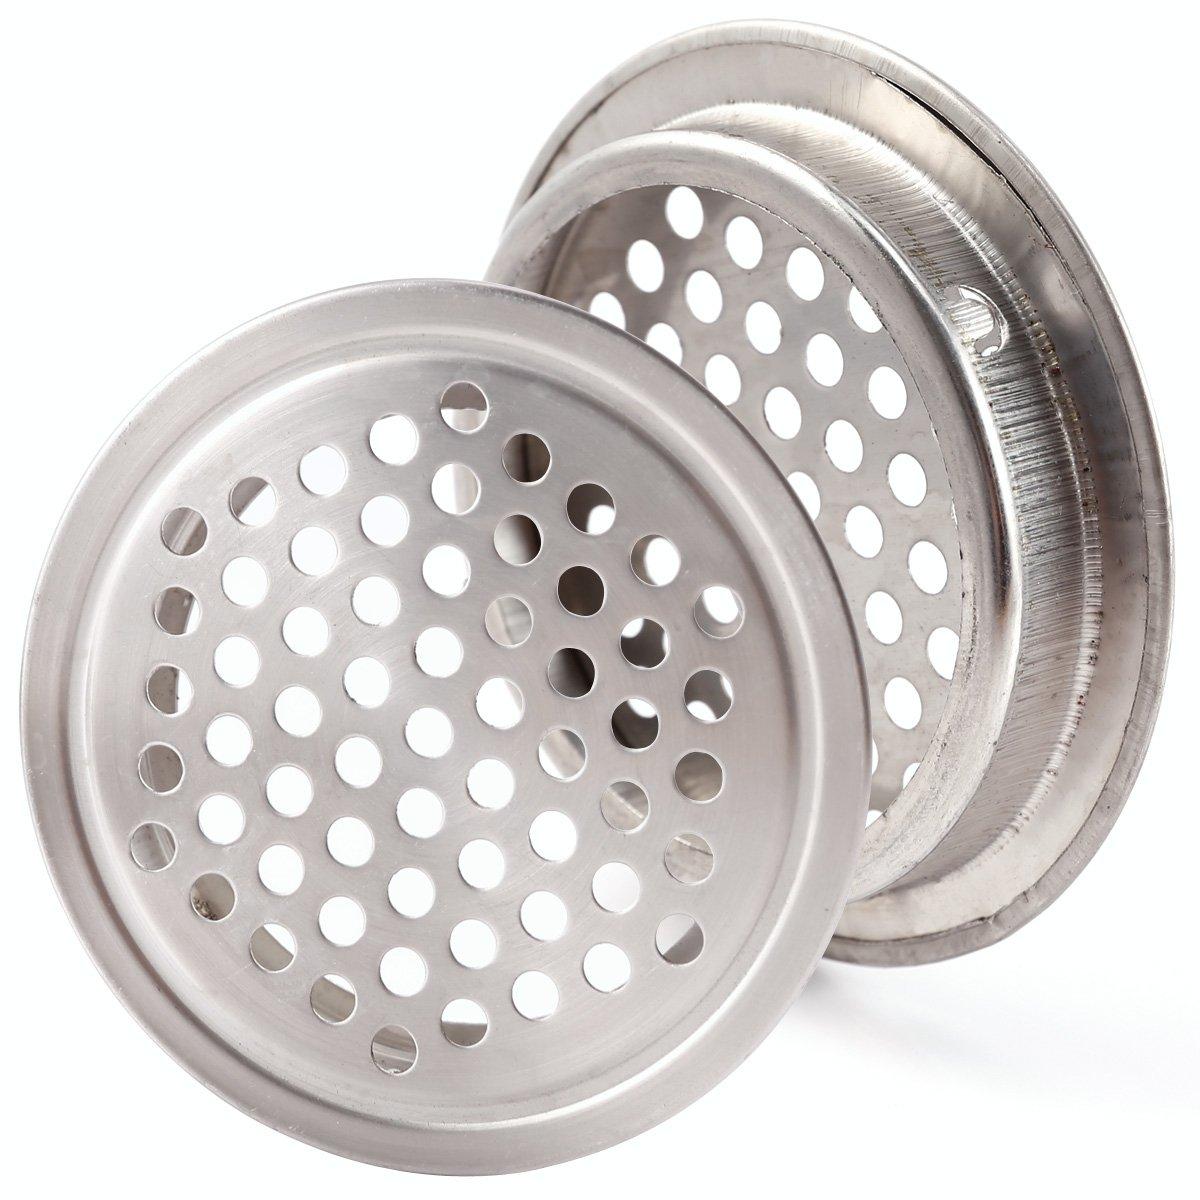 Anladia 20x Grilles de Ventilation Circulaire a/ération air pour Meubles Chaussures Armoire Placard Couverture Conduite